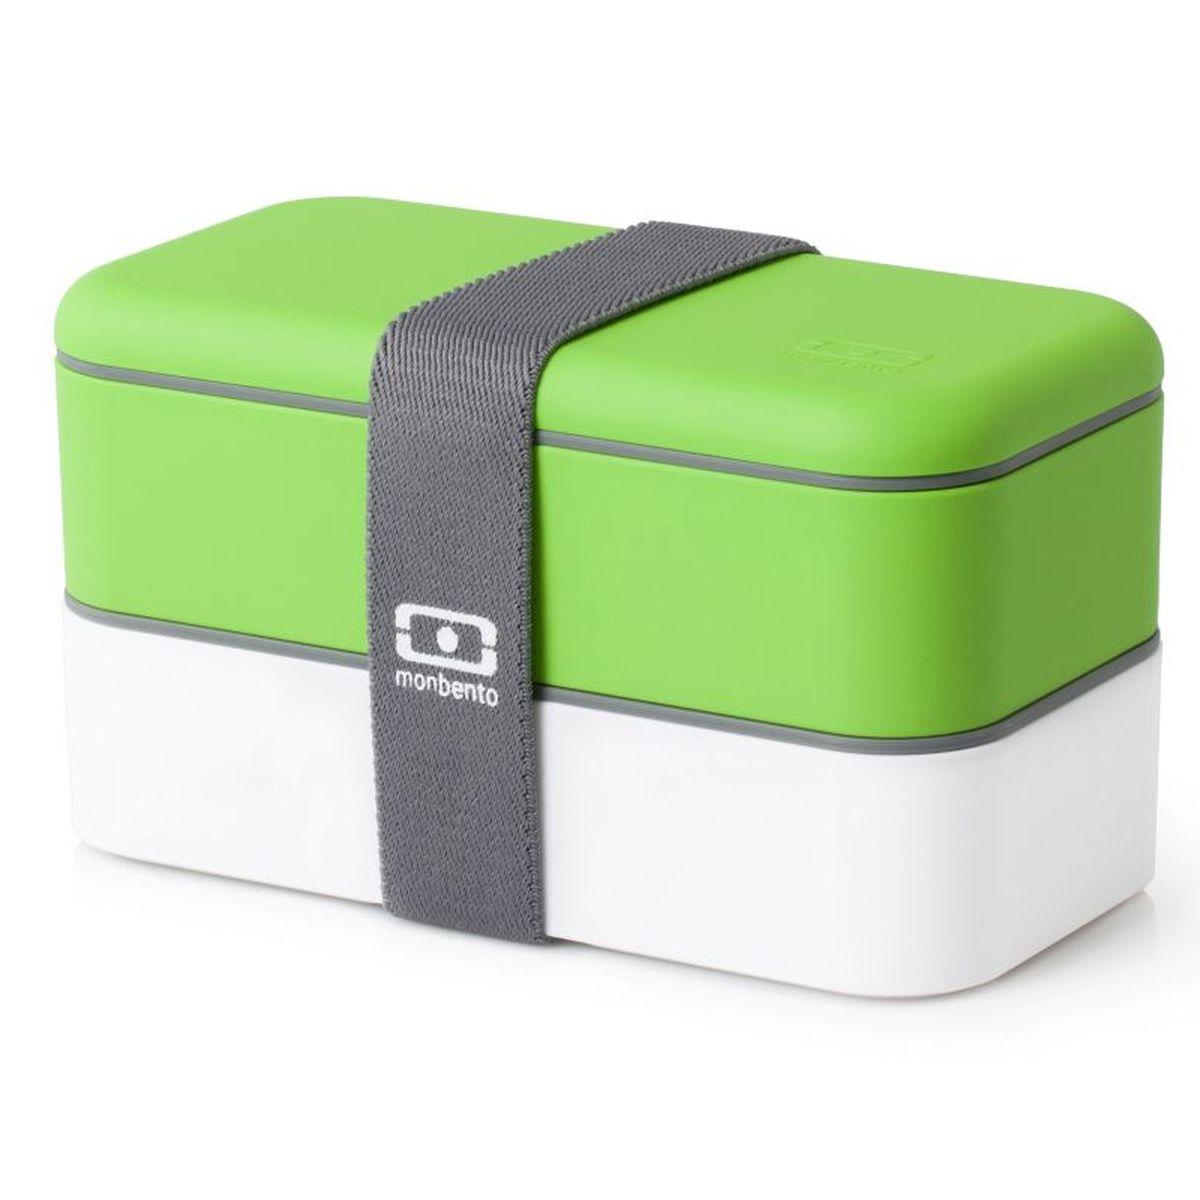 Ланч-бокс Monbento Original, цвет: зеленый, белый, 1 лVT-1520(SR)Ланчбокс Monbento Original изготовлен из высококачественного пищевого пластика с приятным на ощупь прорезиненным покрытием soft-touch. Предназначен для хранения и переноски пищевых продуктов. Ланчбокс представляет собой два прямоугольных контейнера, в которых удобно хранить различные блюда. В комплекте также предусмотрена емкость для соуса, которая удобно помещается в одном из контейнеров. Контейнеры вакуумные, что позволяет продуктам дольше оставаться свежими и вкусными. Боксы дополнительно фиксируются друг над другом эластичным ремешком. Компактные размеры позволят хранить ланчбокс в любой сумке. Его удобно взять с собой на работу, отдых, в поездку. Теперь любимая домашняя еда всегда будет под рукой, а яркий дизайн поднимет настроение и подарит заряд позитива. Можно использовать в микроволновой печи и для хранения пищи в холодильнике, можно мыть в посудомоечной машине. В крышке каждого контейнера - специальная пробка, которую надо вытащить, если вы разогреваете еду. Объем одного контейнера: 0,5 л. Общий размер ланчбокса: 18 см х 9 см х 10,5 см. Размер контейнера: 18 см х 9 см х 4,5 см. Размер емкости для соуса: 8,5 см х 4,5 см х 3 см.Объем емкости для соуса: 0,1 л.